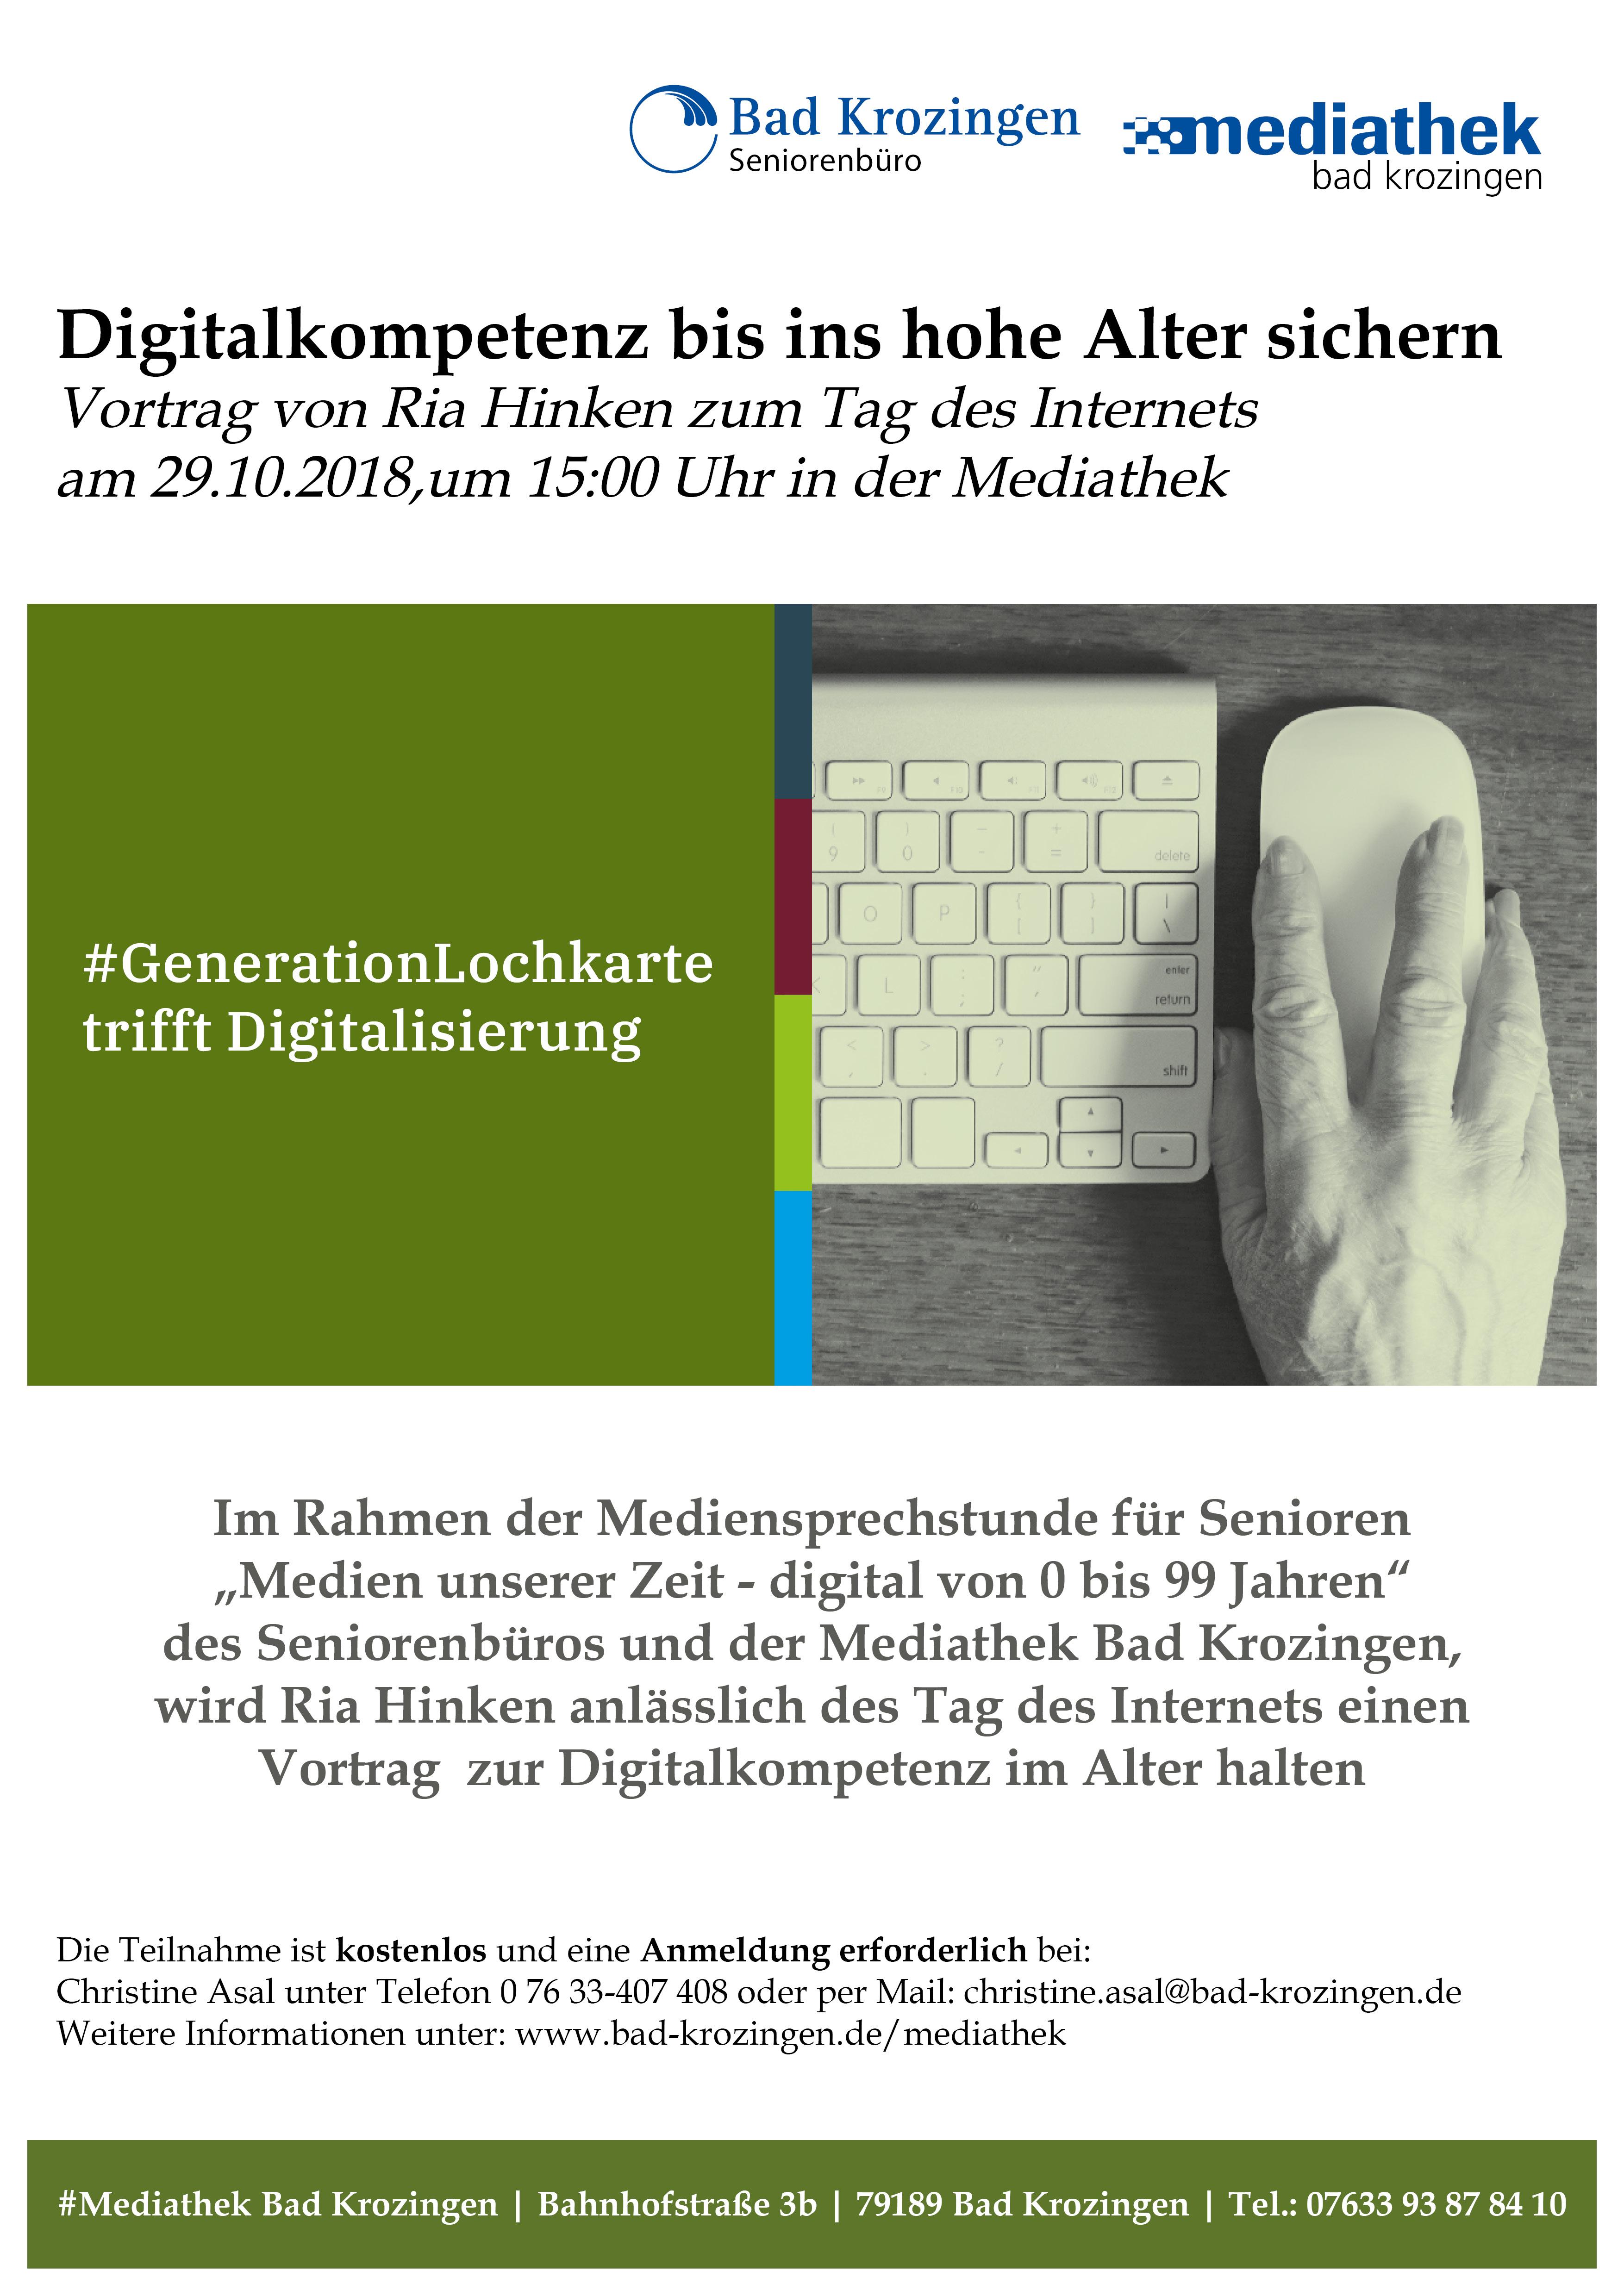 Vortrag: Digitalkompetenz bis ins hohe Alter sichern